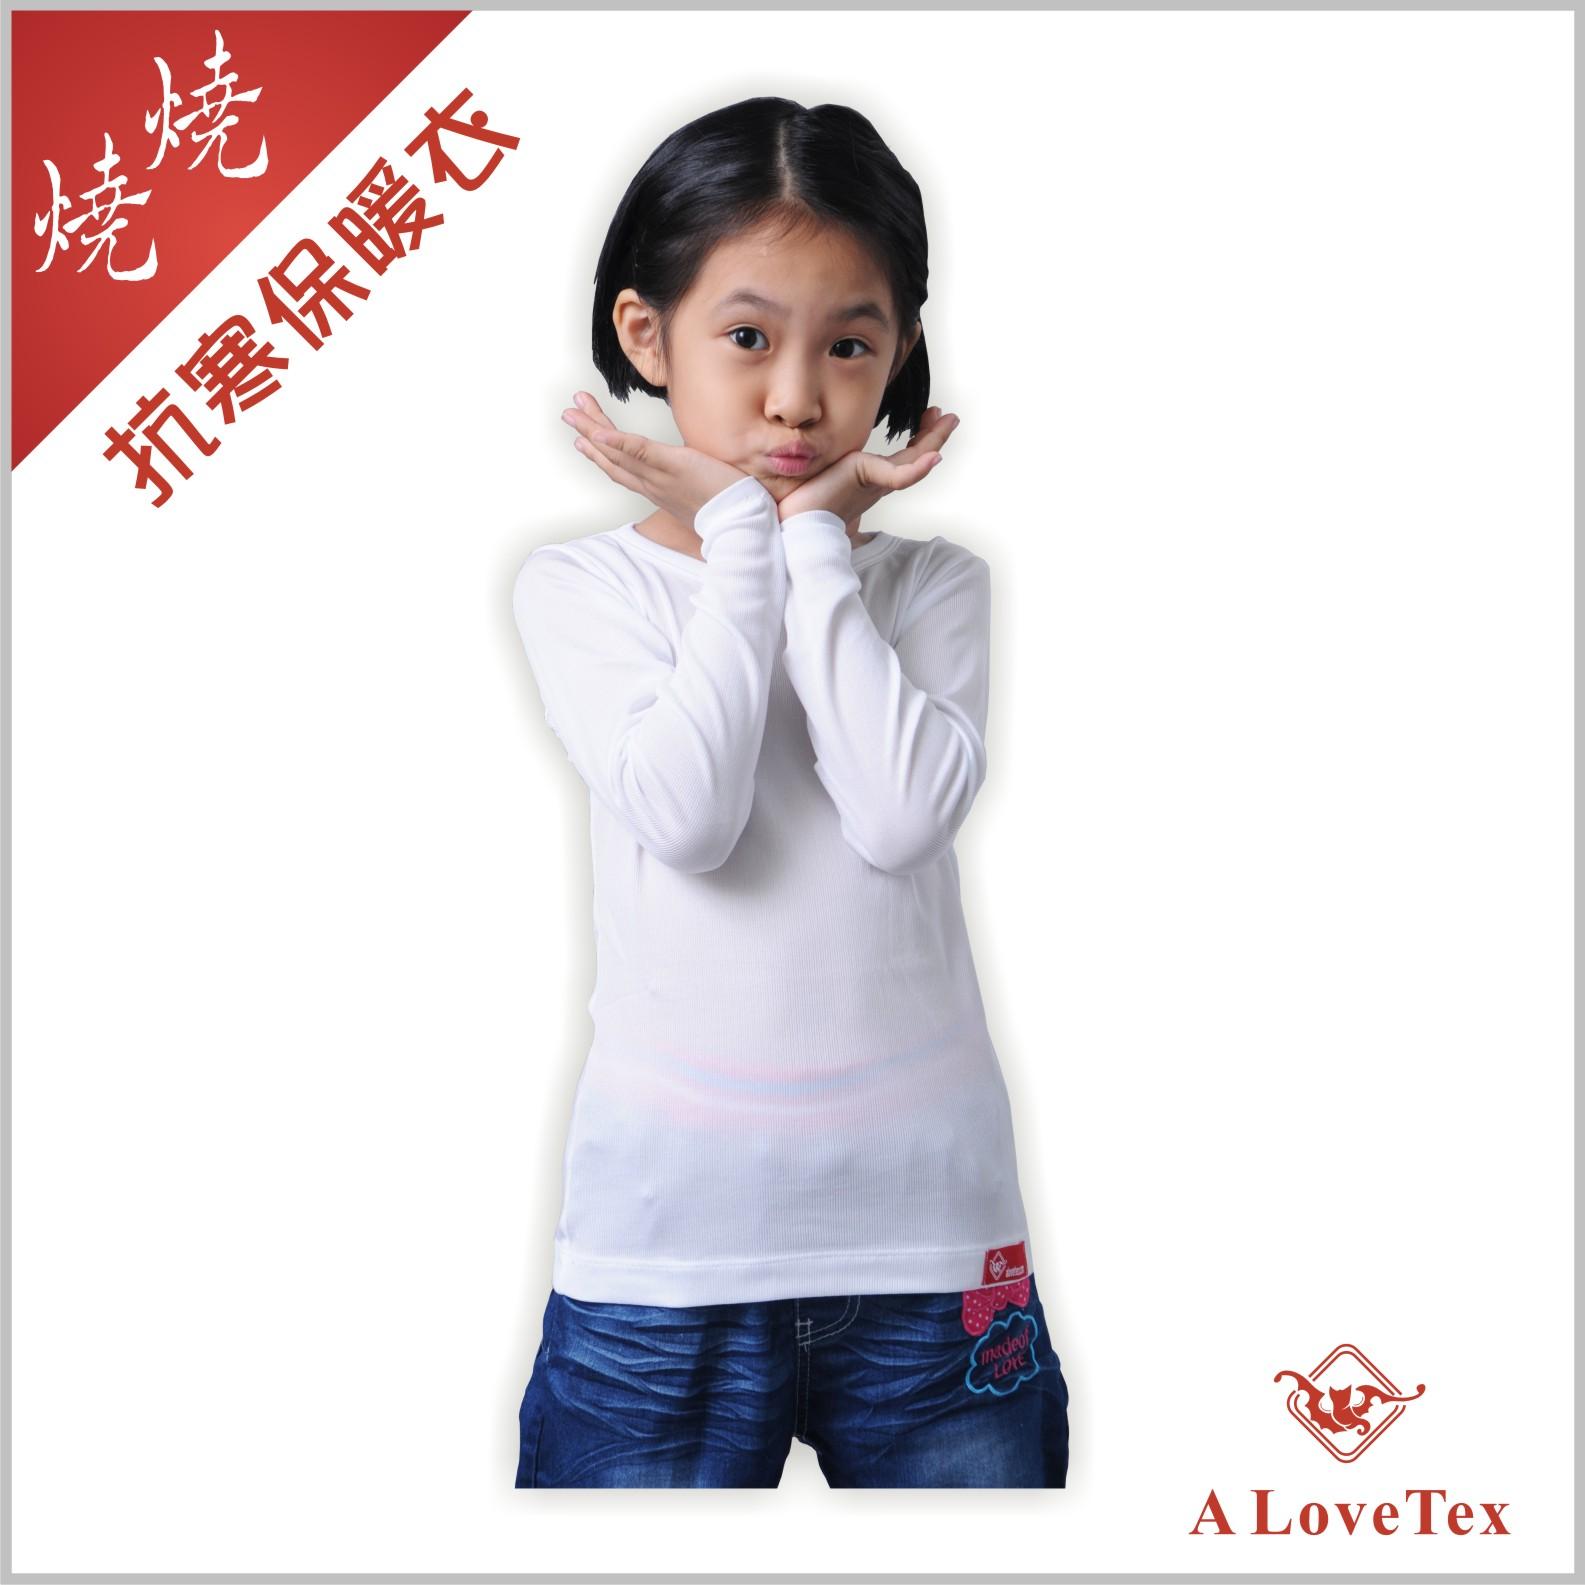 【樂福織品】兒童 – 白色圓領 – 燒燒抗寒保暖衣 – 輕、薄、暖 – 給您的孩子,溫暖零負擔的冬天! 2